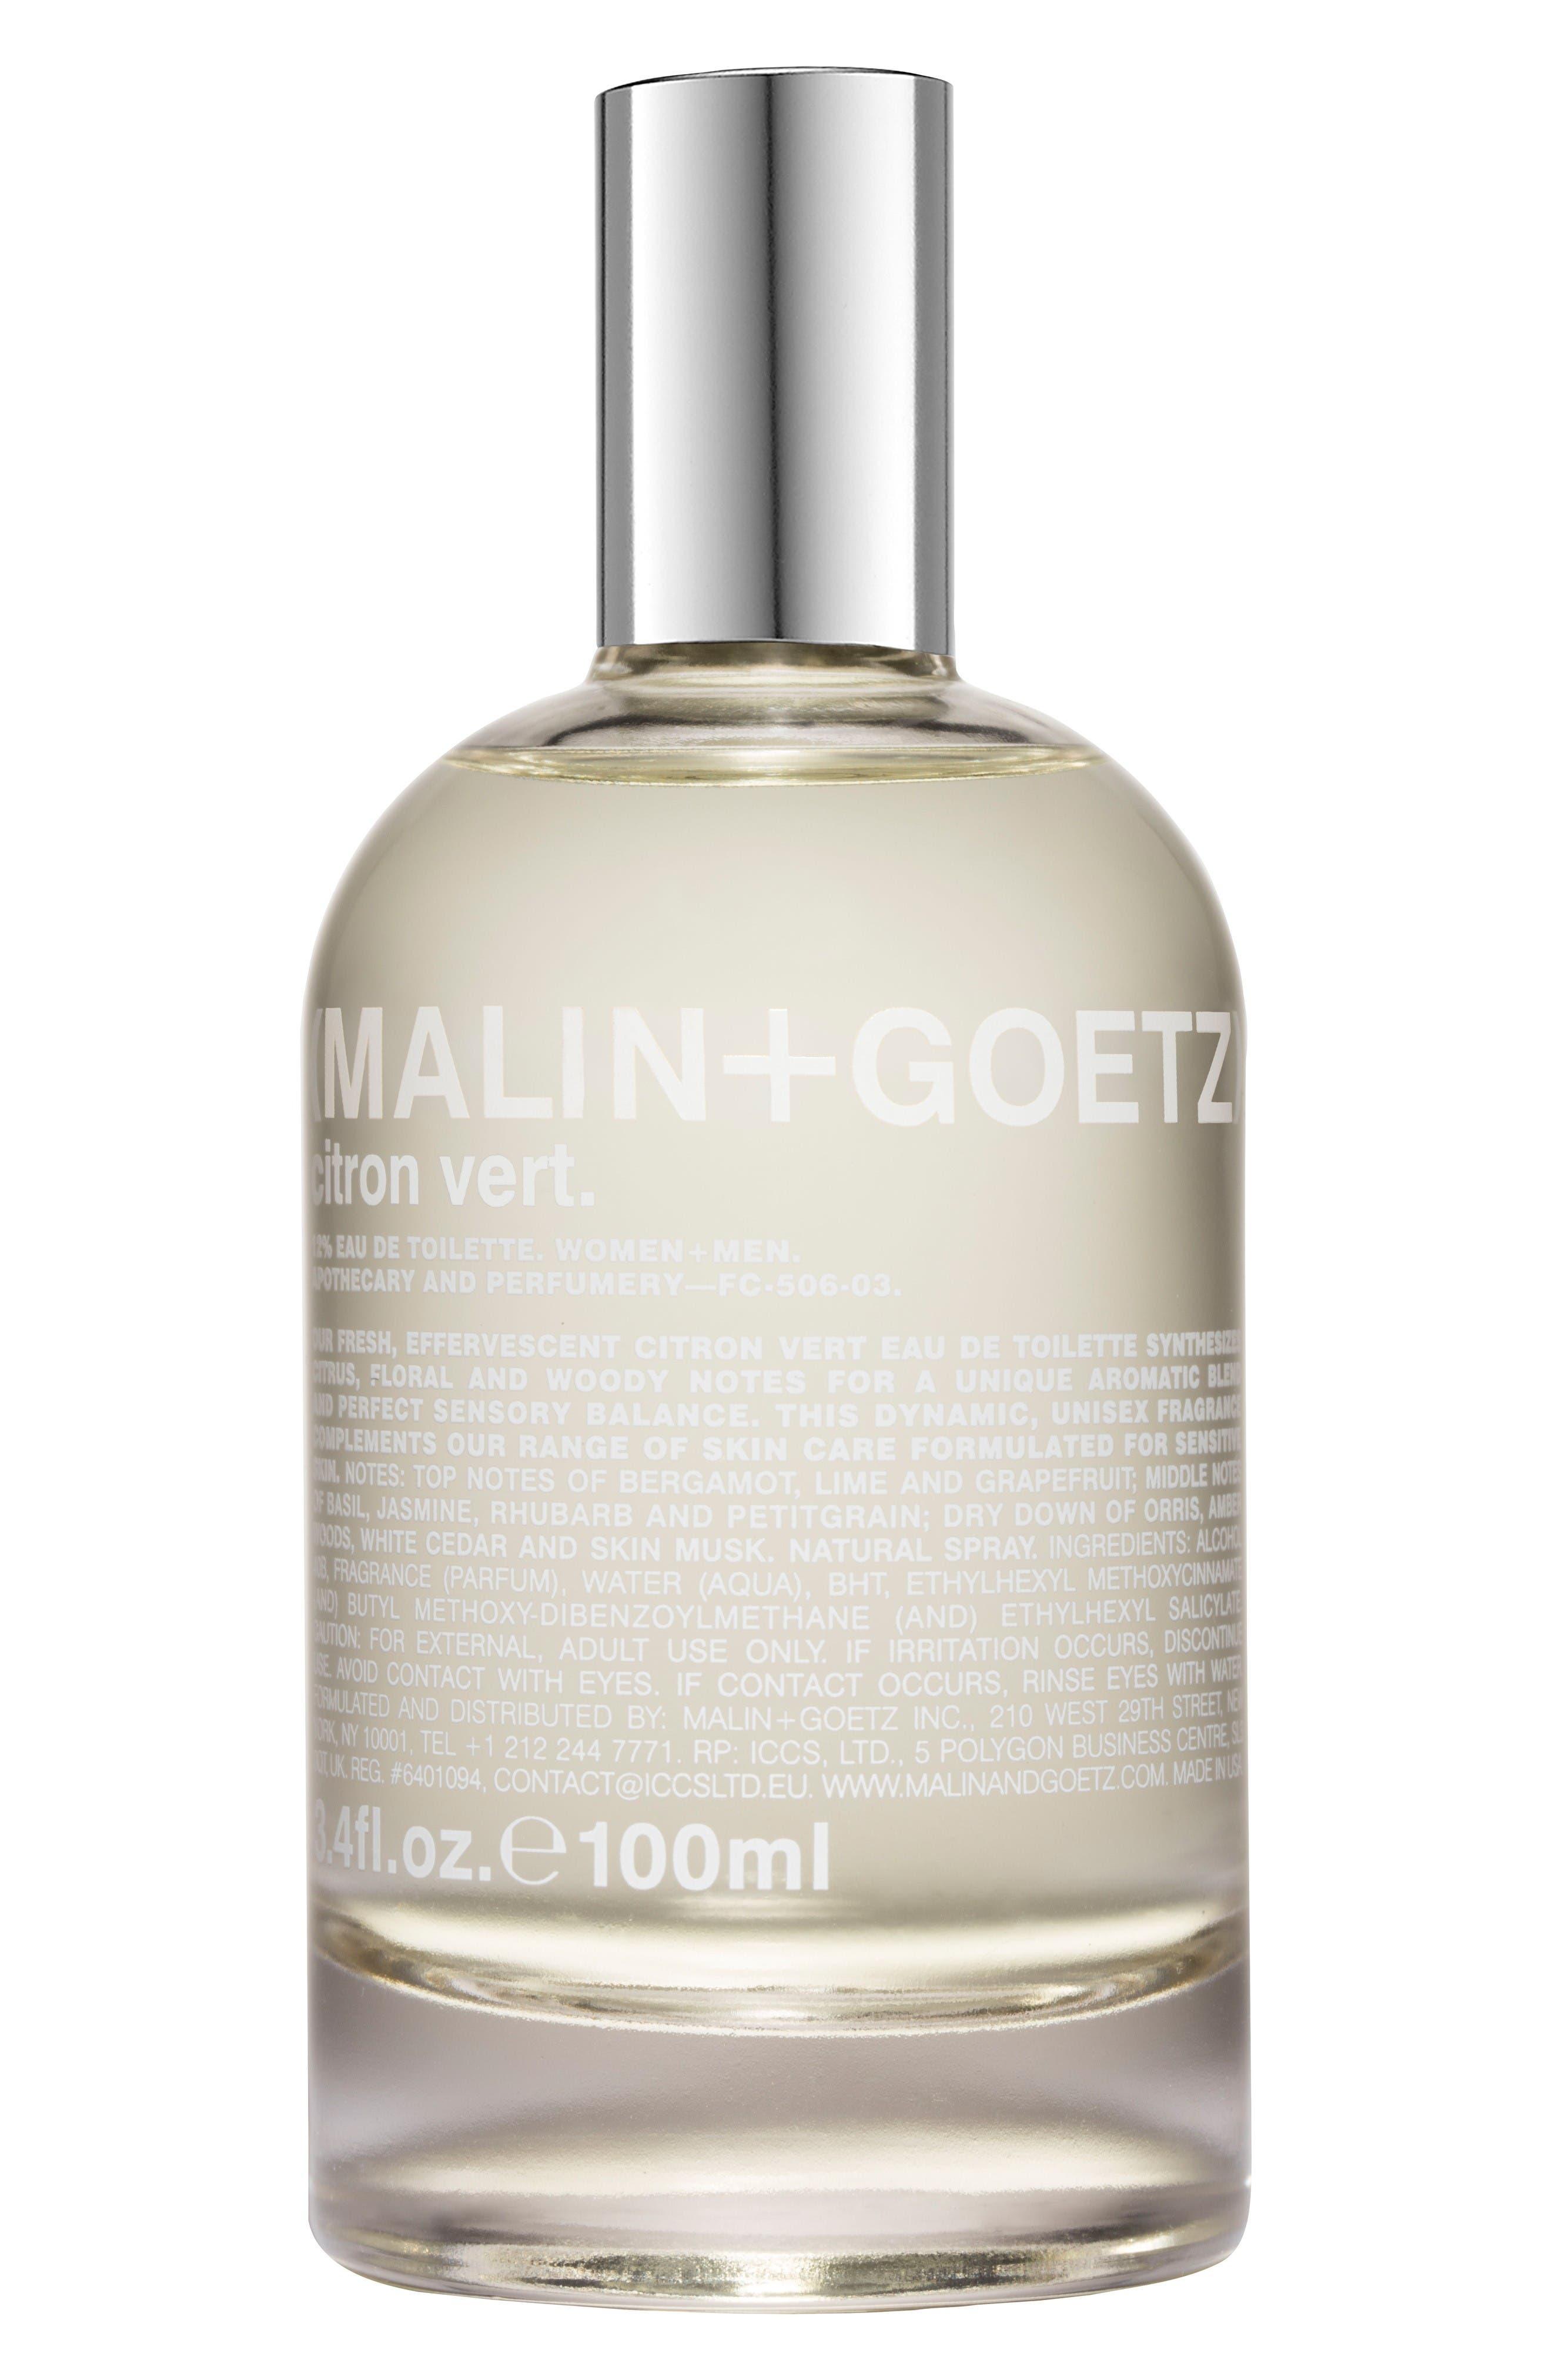 Main Image - SPACE.NK.apothecary Malin + Goetz Citron Vert Eau de Toilette